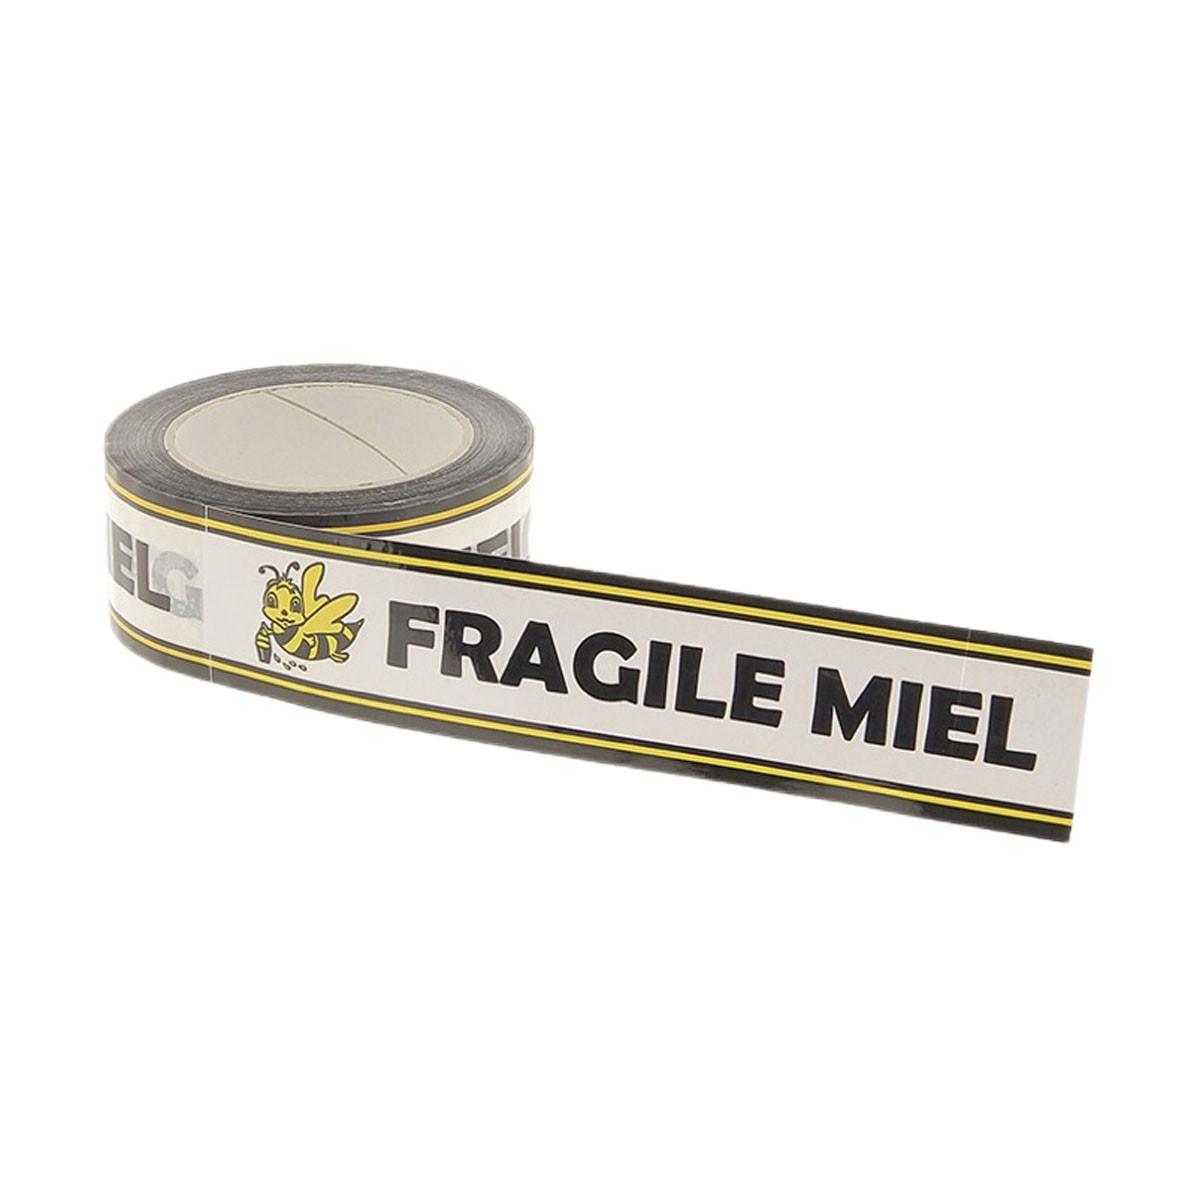 Rouleau d'adhésif Miel Fragile